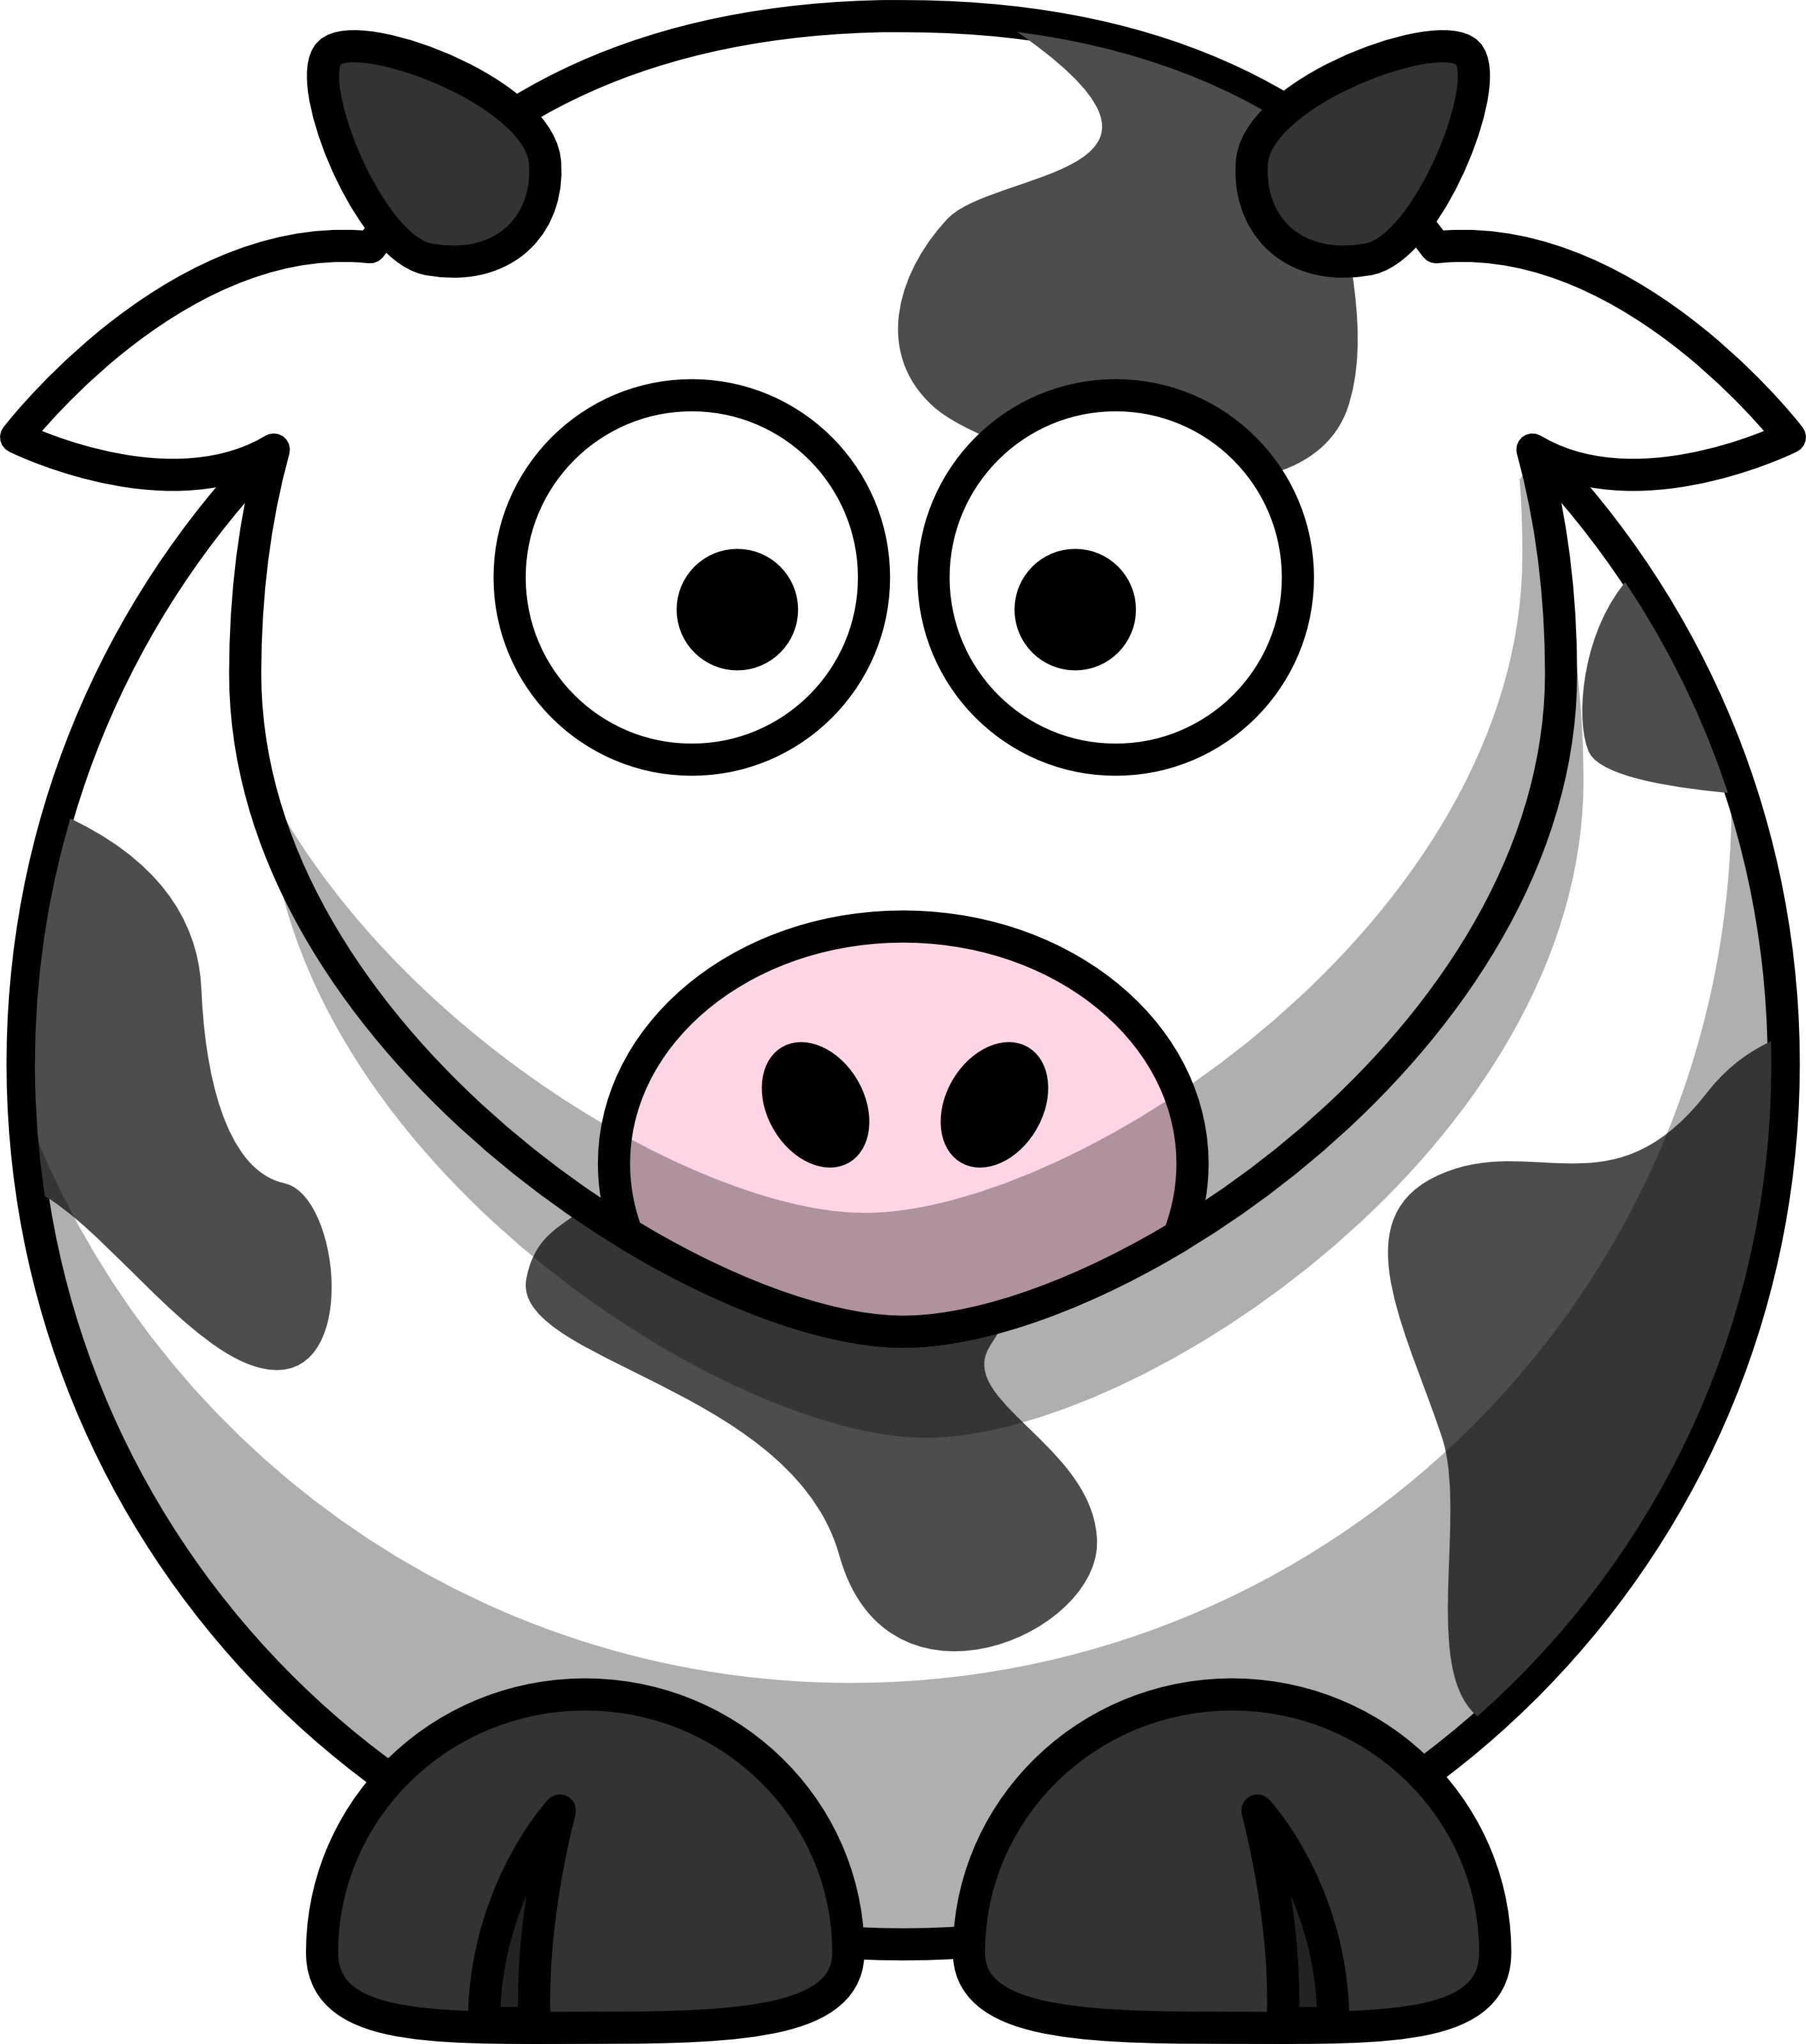 Free Cartoon Cow Clip Art-Free Cartoon Cow Clip Art-14